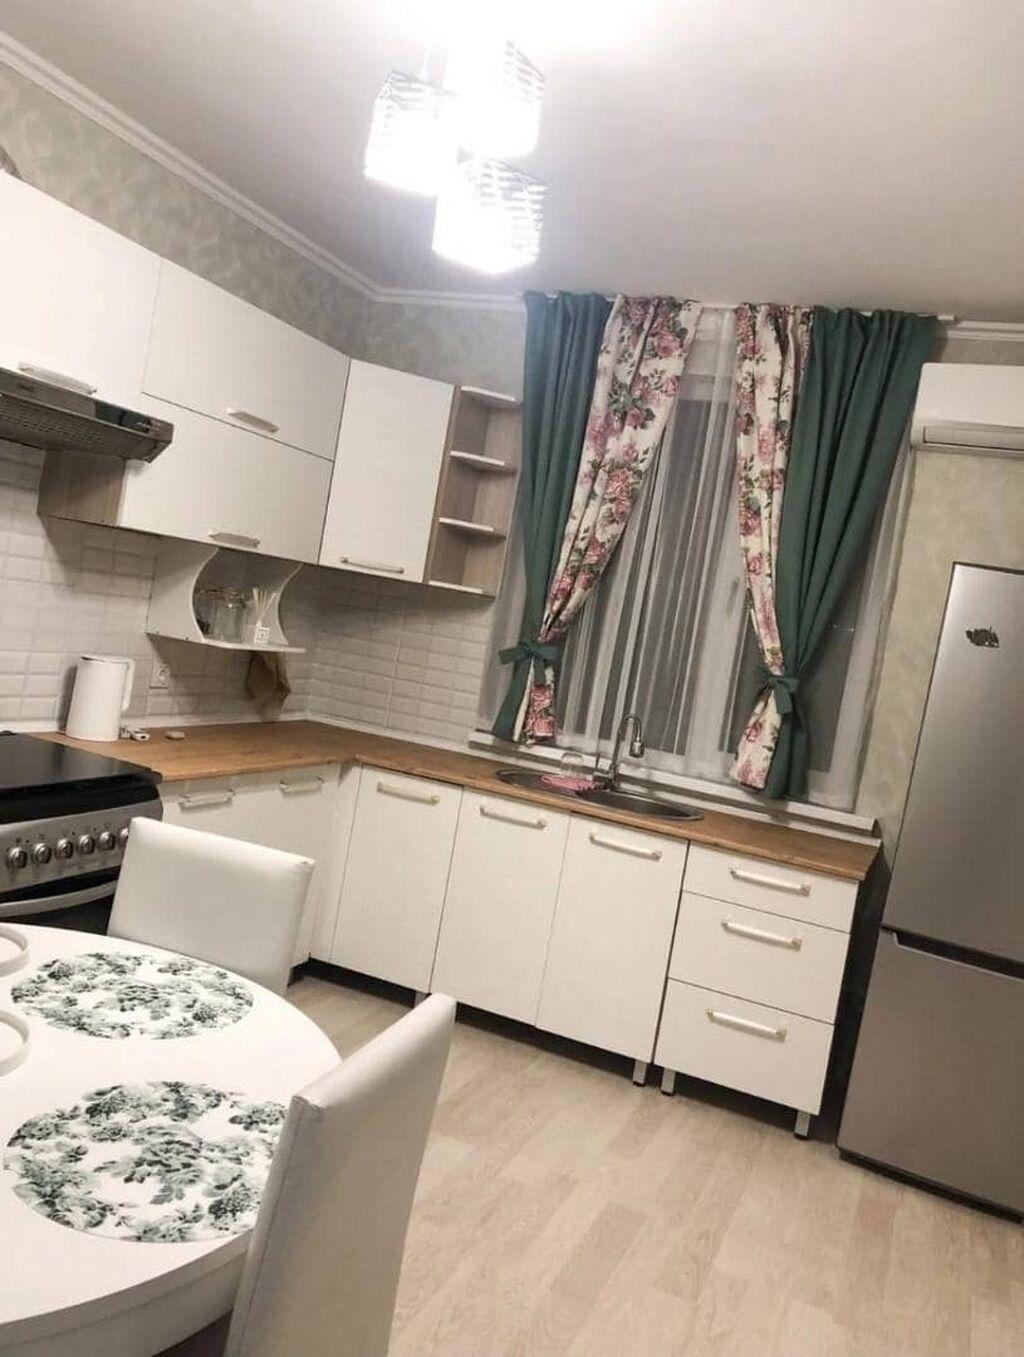 Продается квартира: Индивидуалка, Кок-Жар, 2 комнаты, 45 кв. м: Продается квартира: Индивидуалка, Кок-Жар, 2 комнаты, 45 кв. м